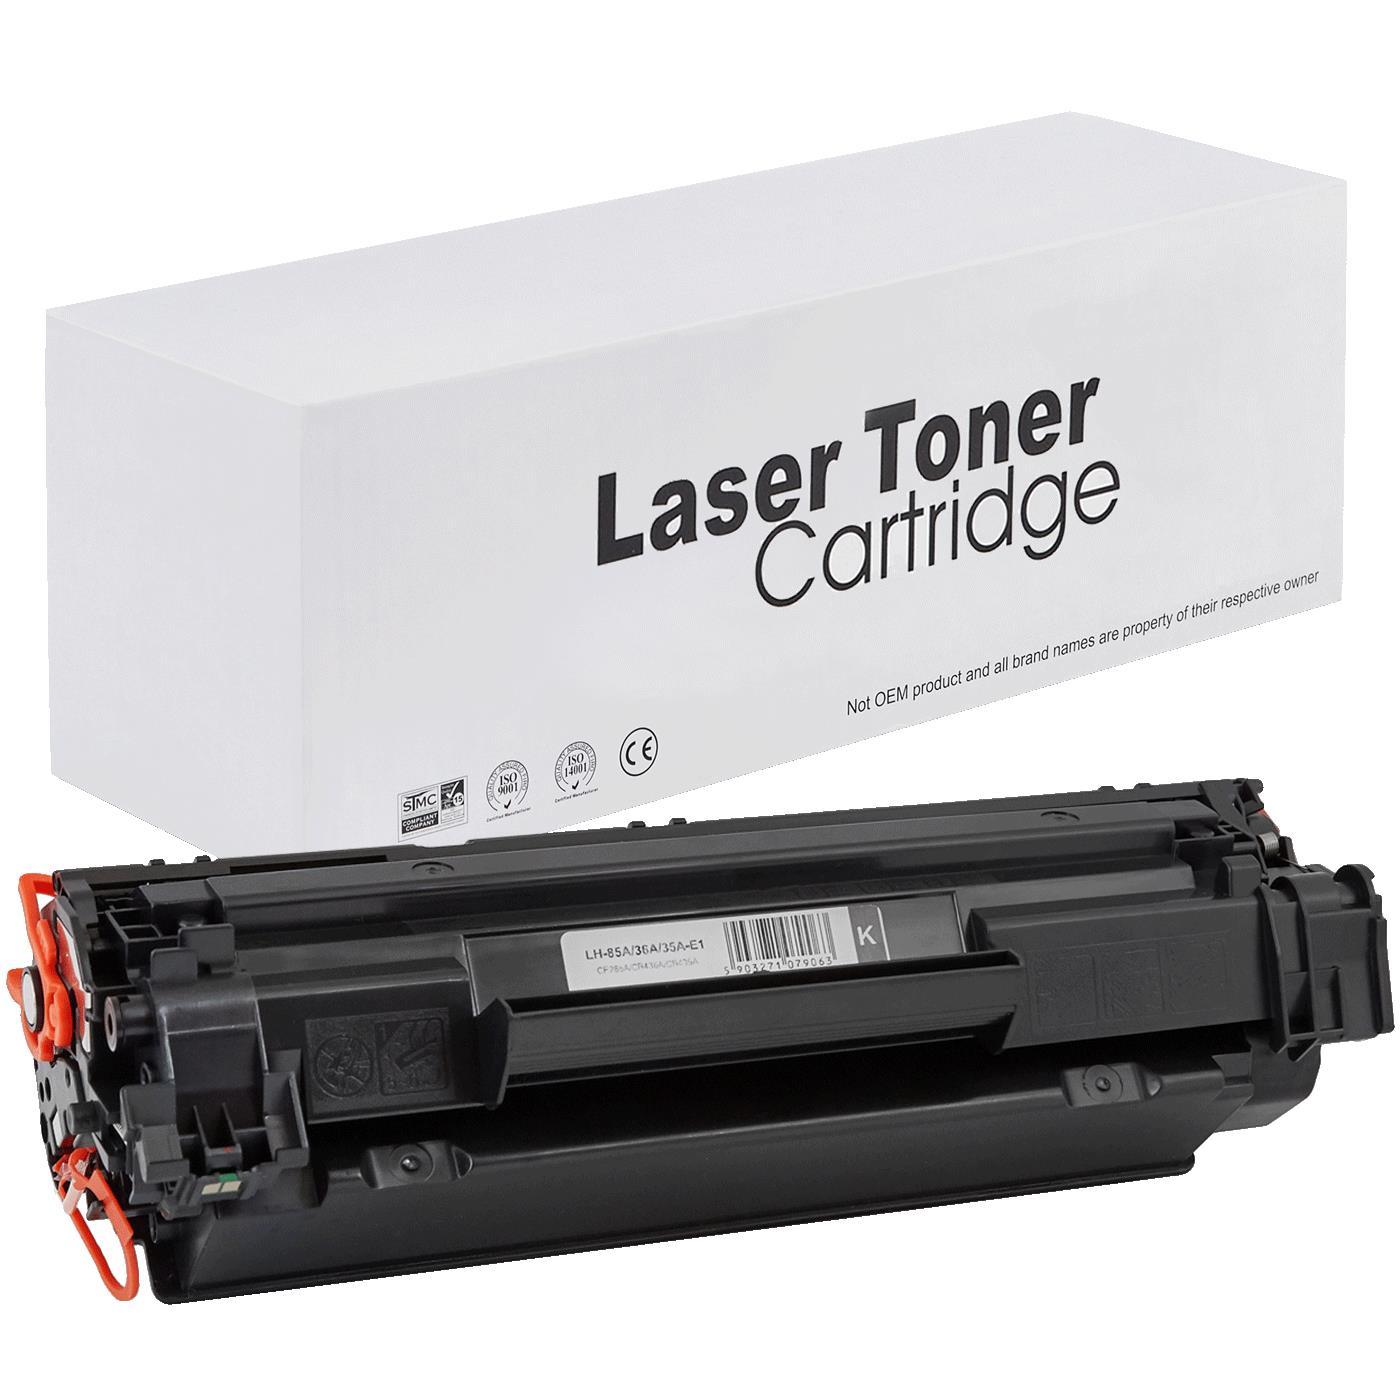 Kompatibilní toner HP CE285A 1600 stran Kompatibilní toner HP CE285A 1600 stran pro tiskárny HP